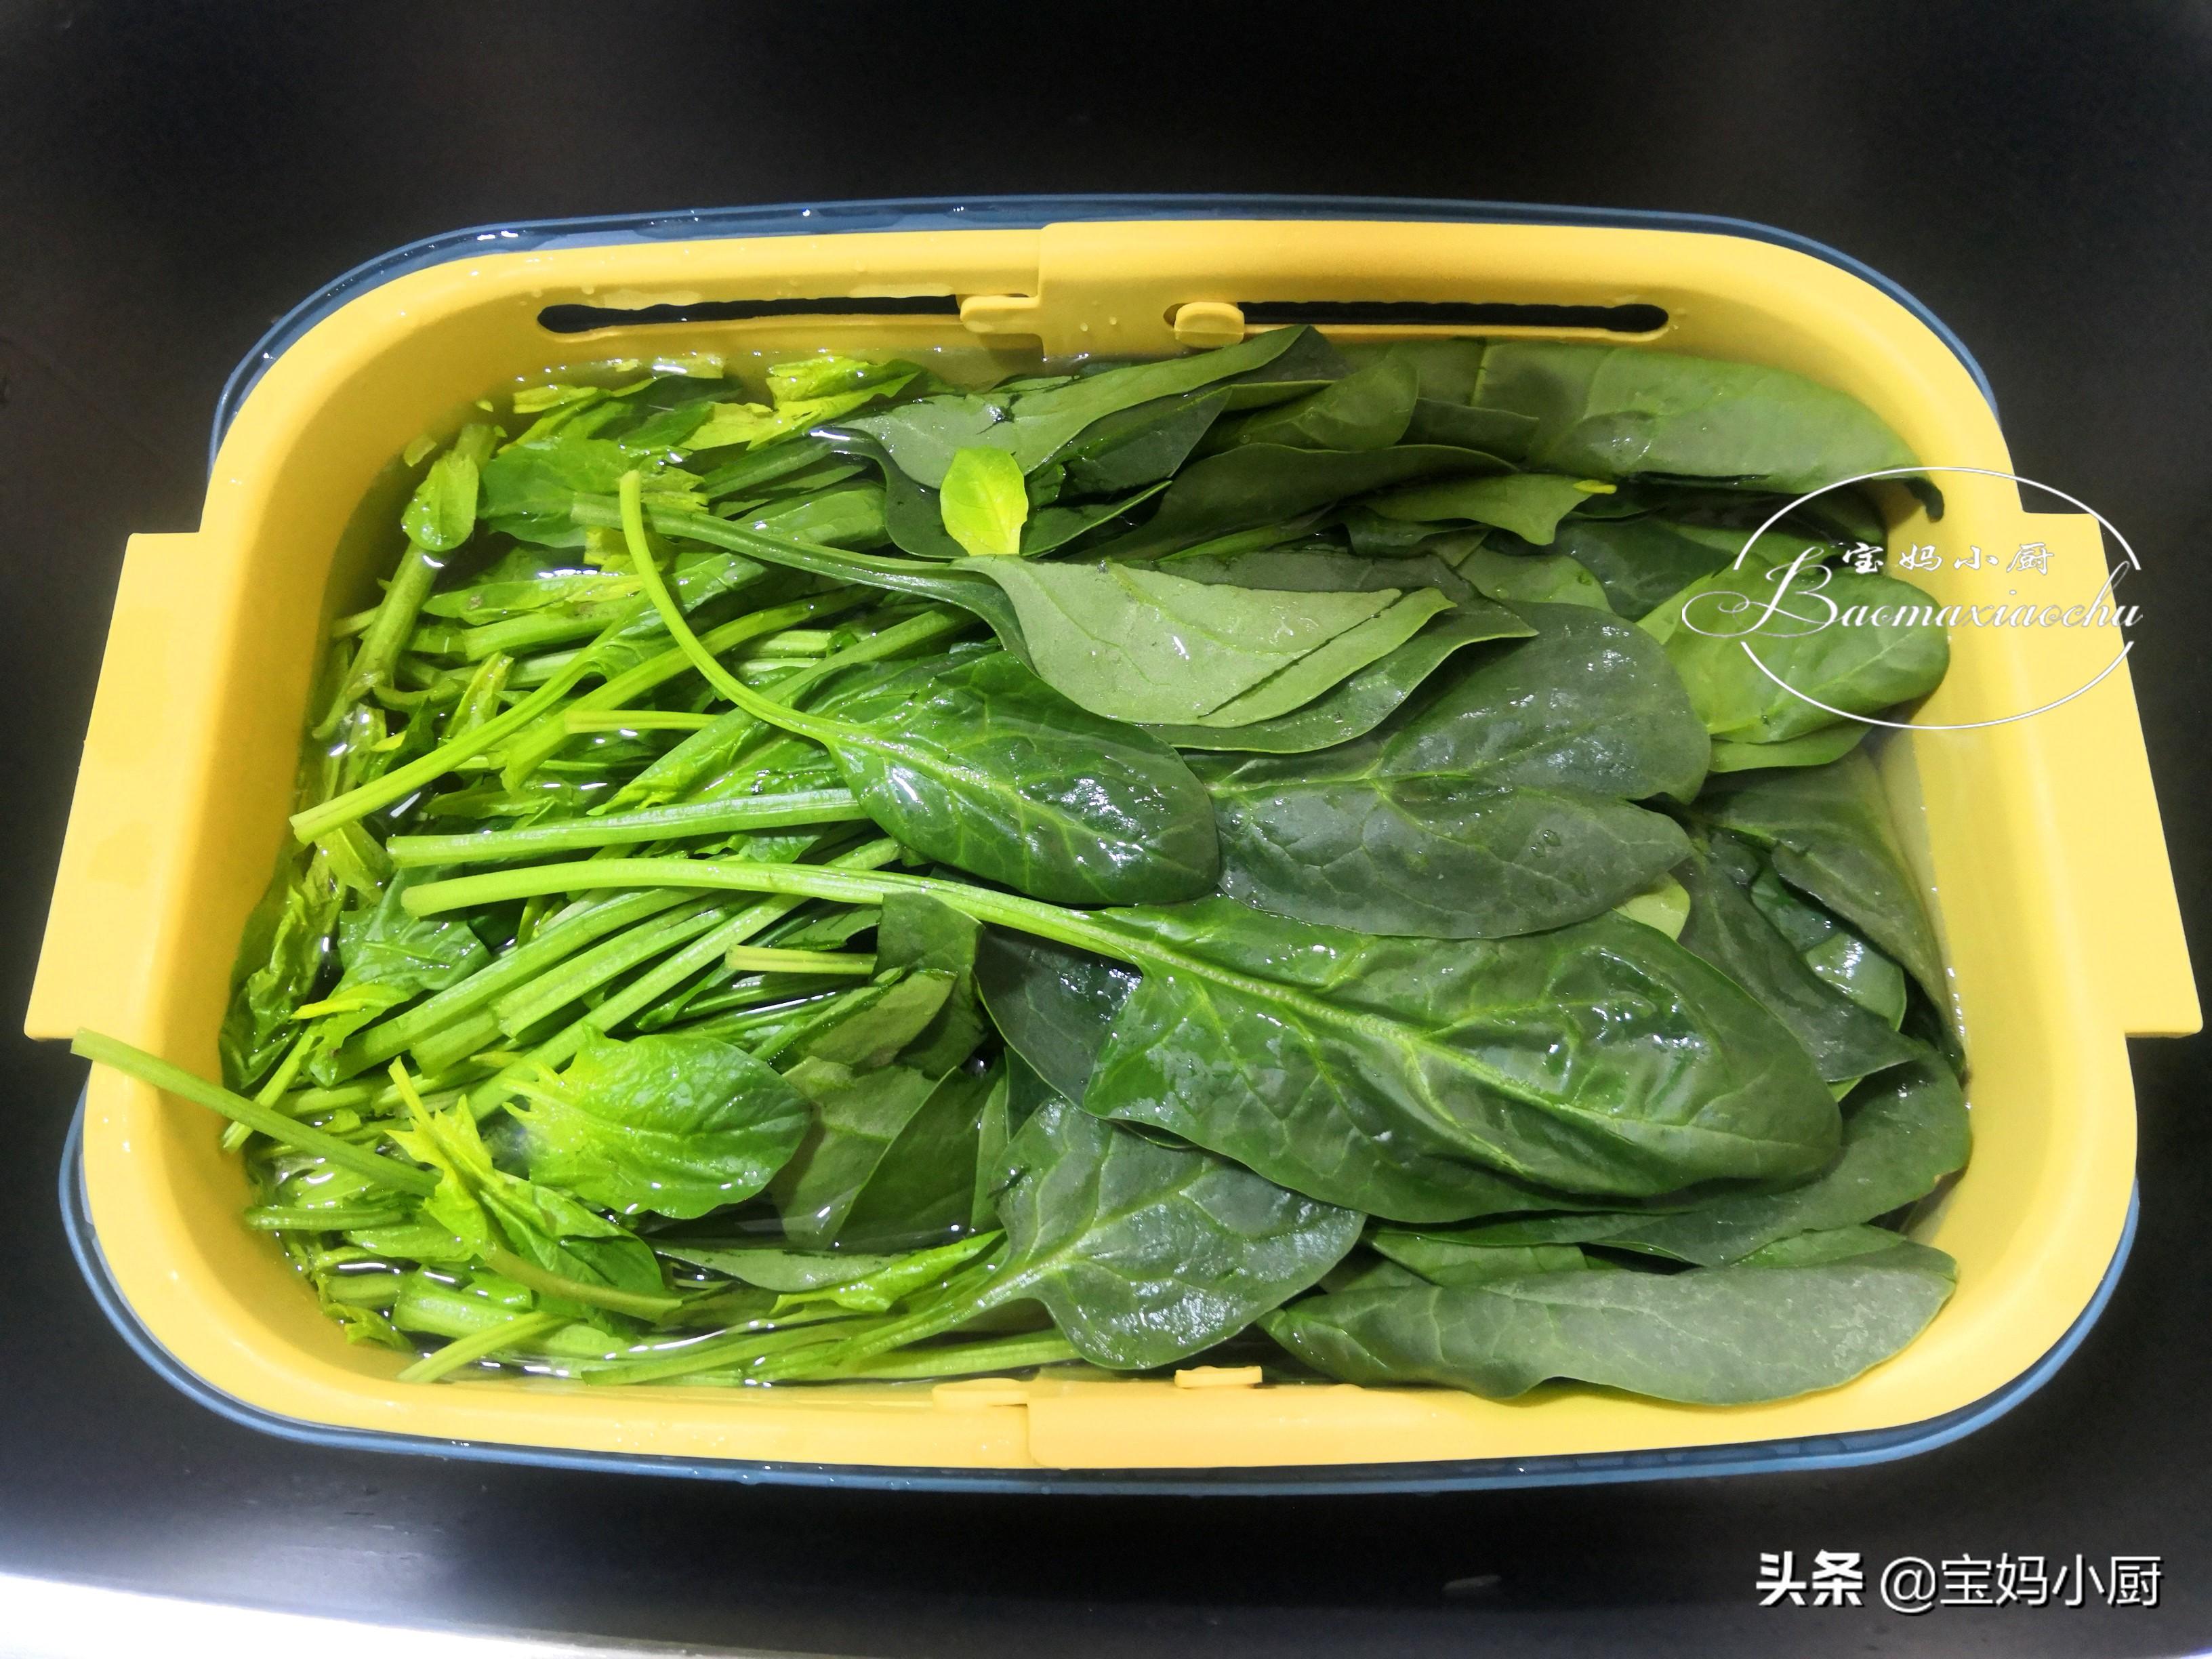 吃菠菜,我就服老公的做法,簡單一做鮮嫩有營養,一頓一捆剩不下